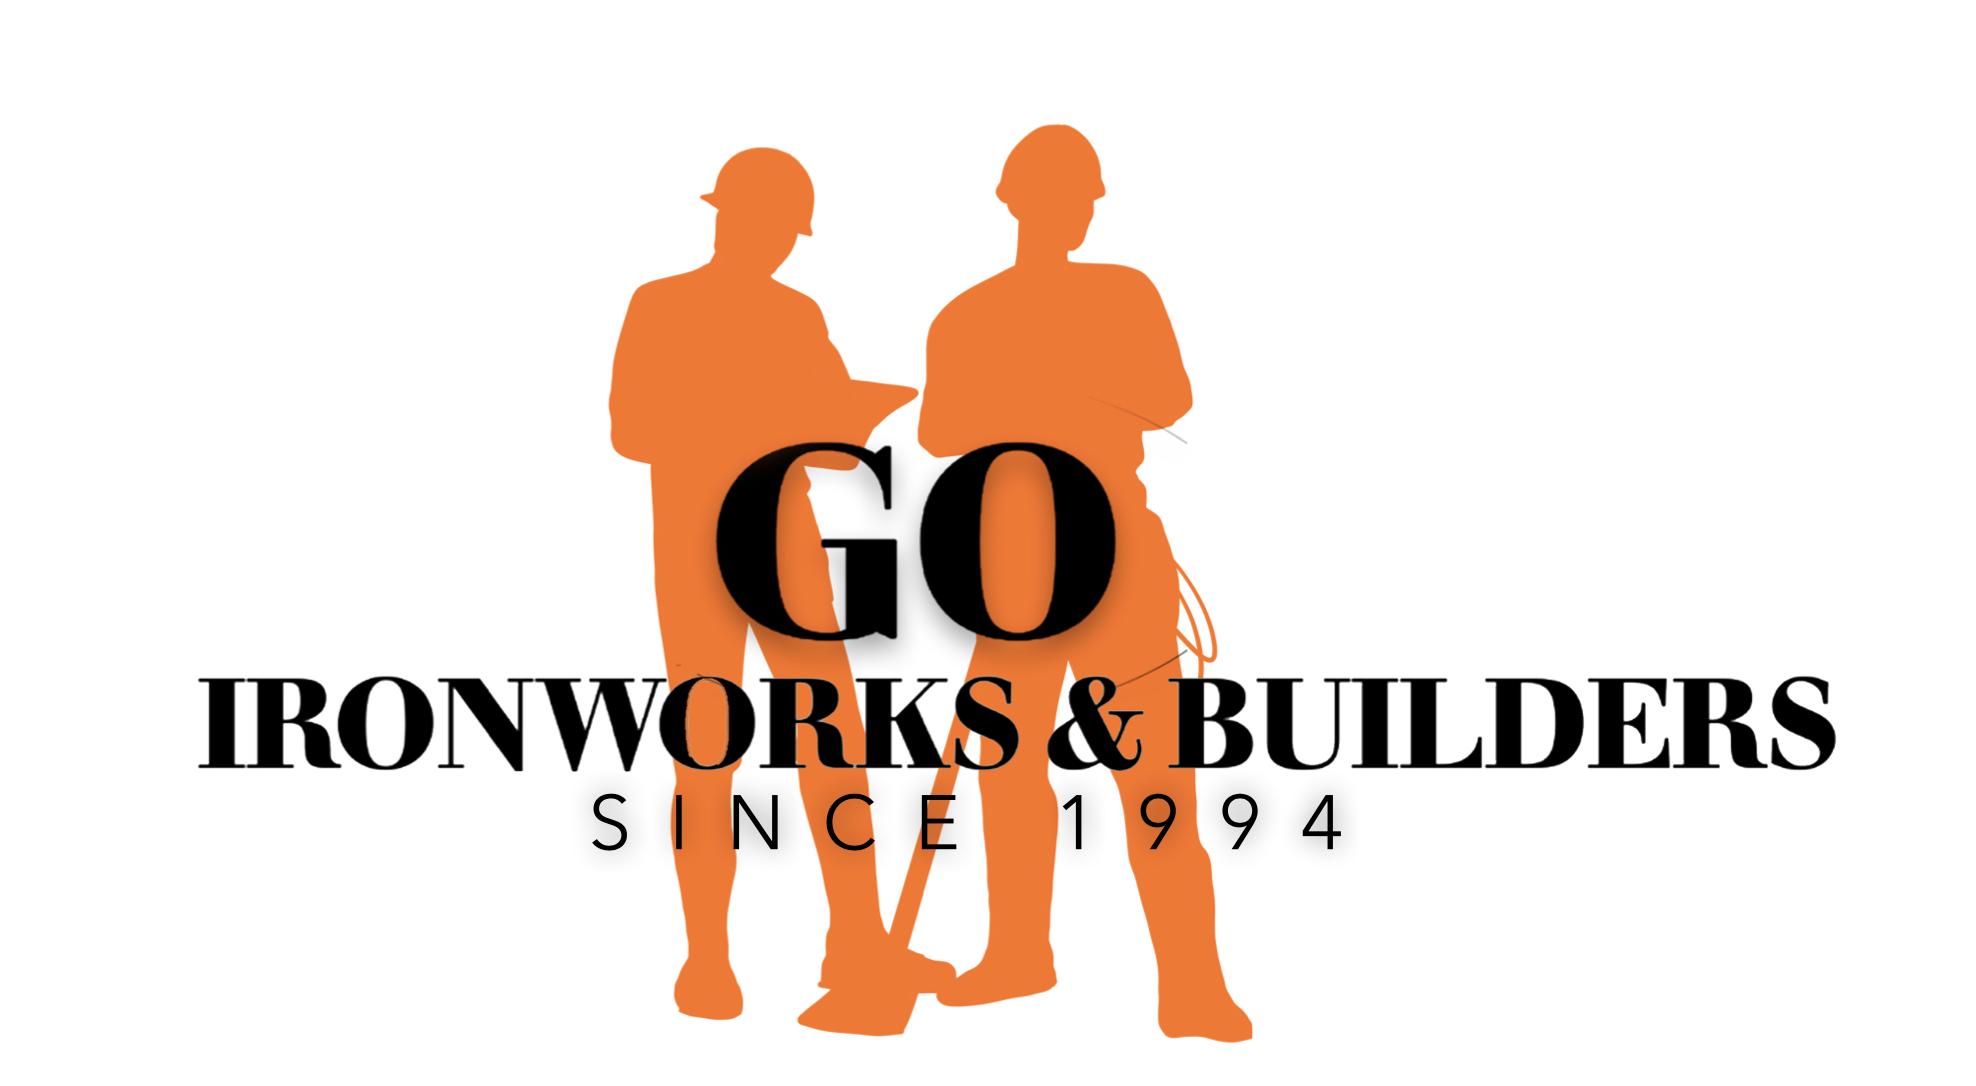 Go ironworks